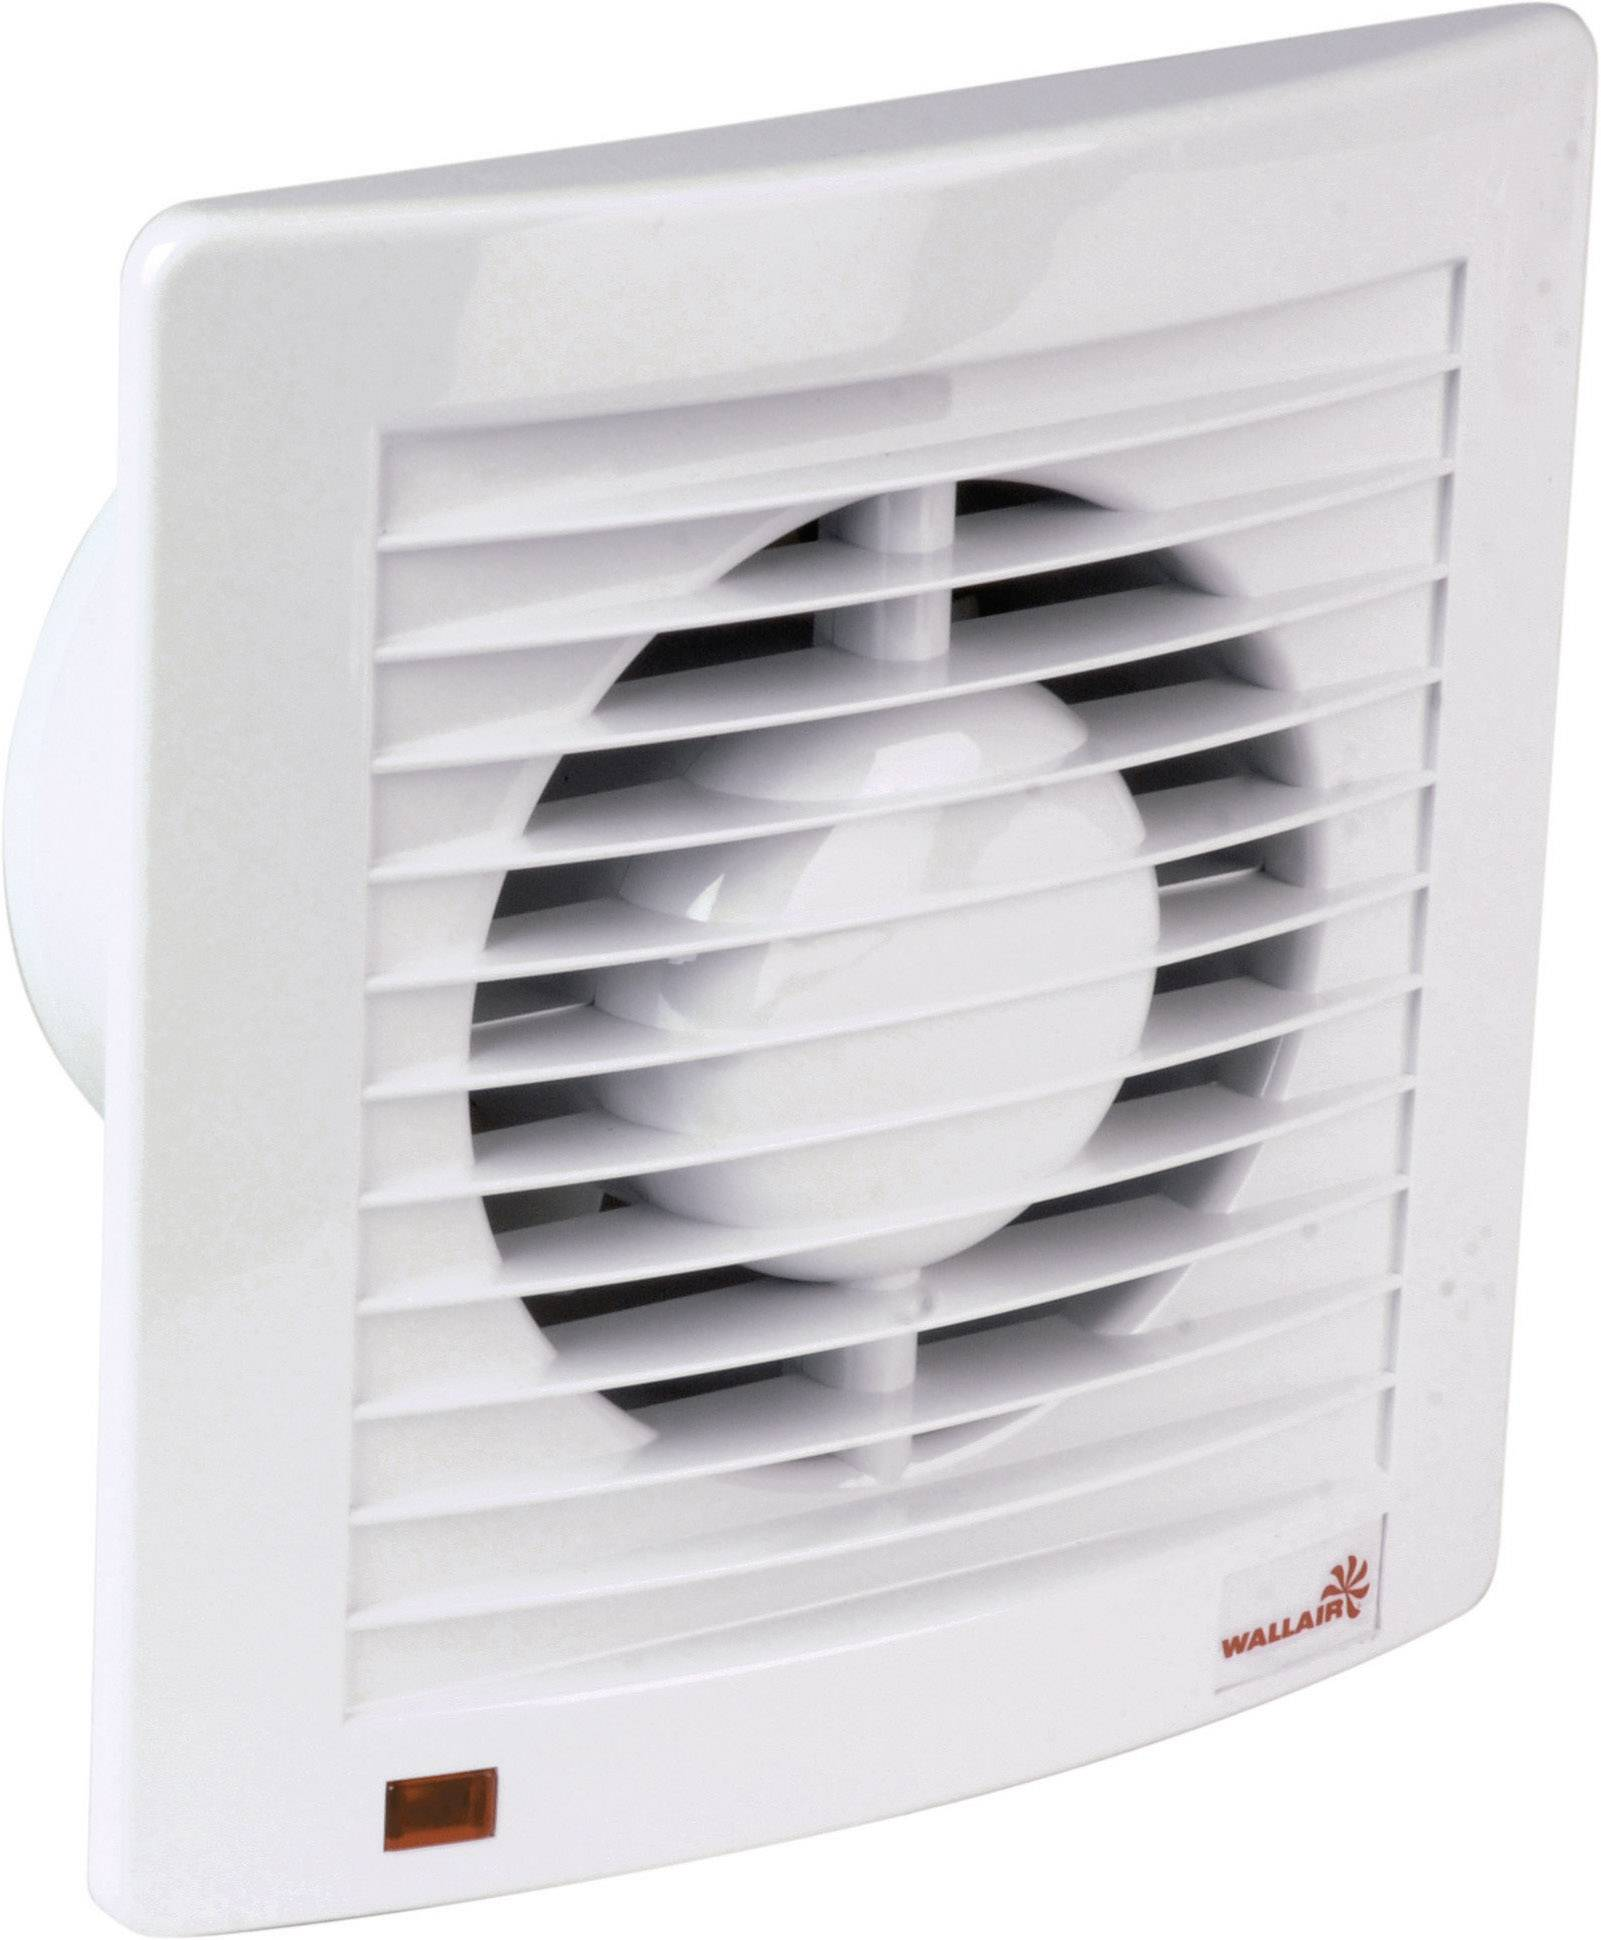 Nástenný a stropný ventilátor Wallair W-Style 100 mm, biely